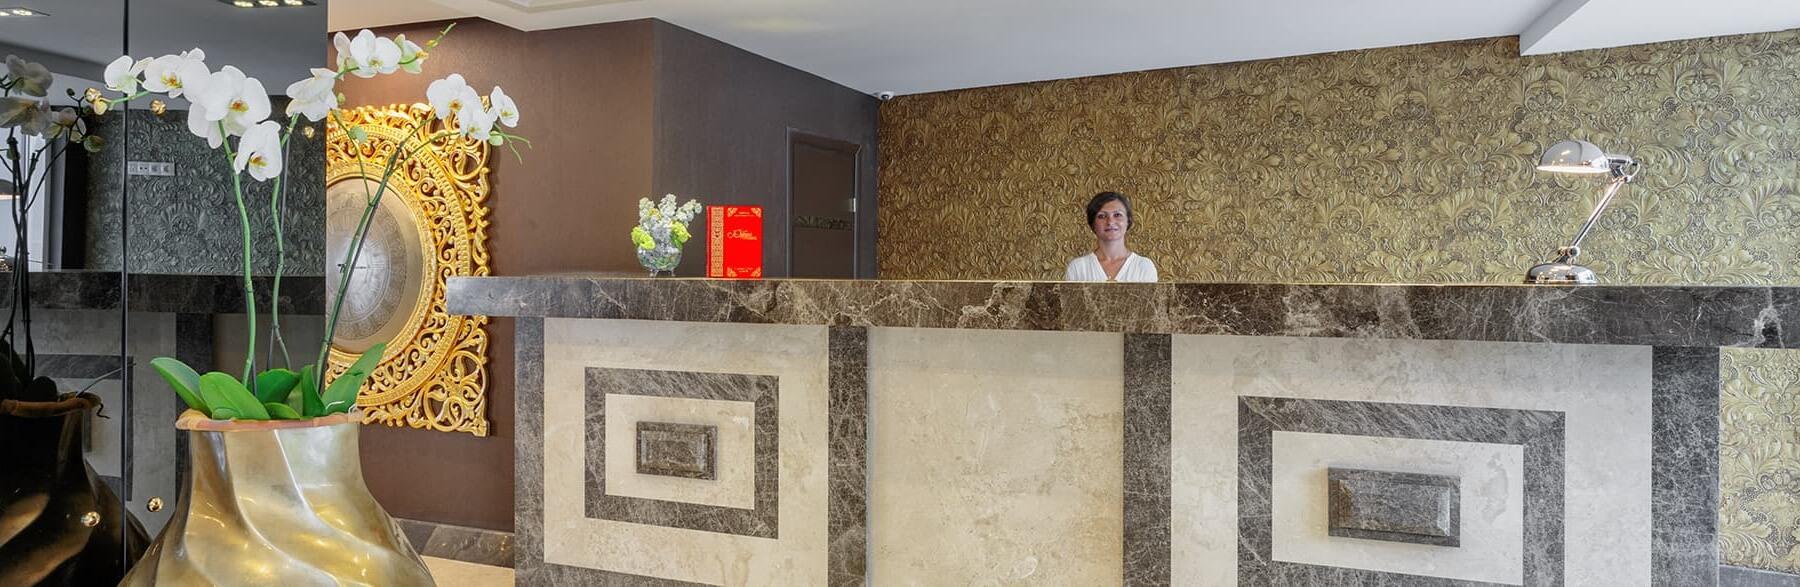 Действующие акции и интересные новости отеля Maristella Marine Residence